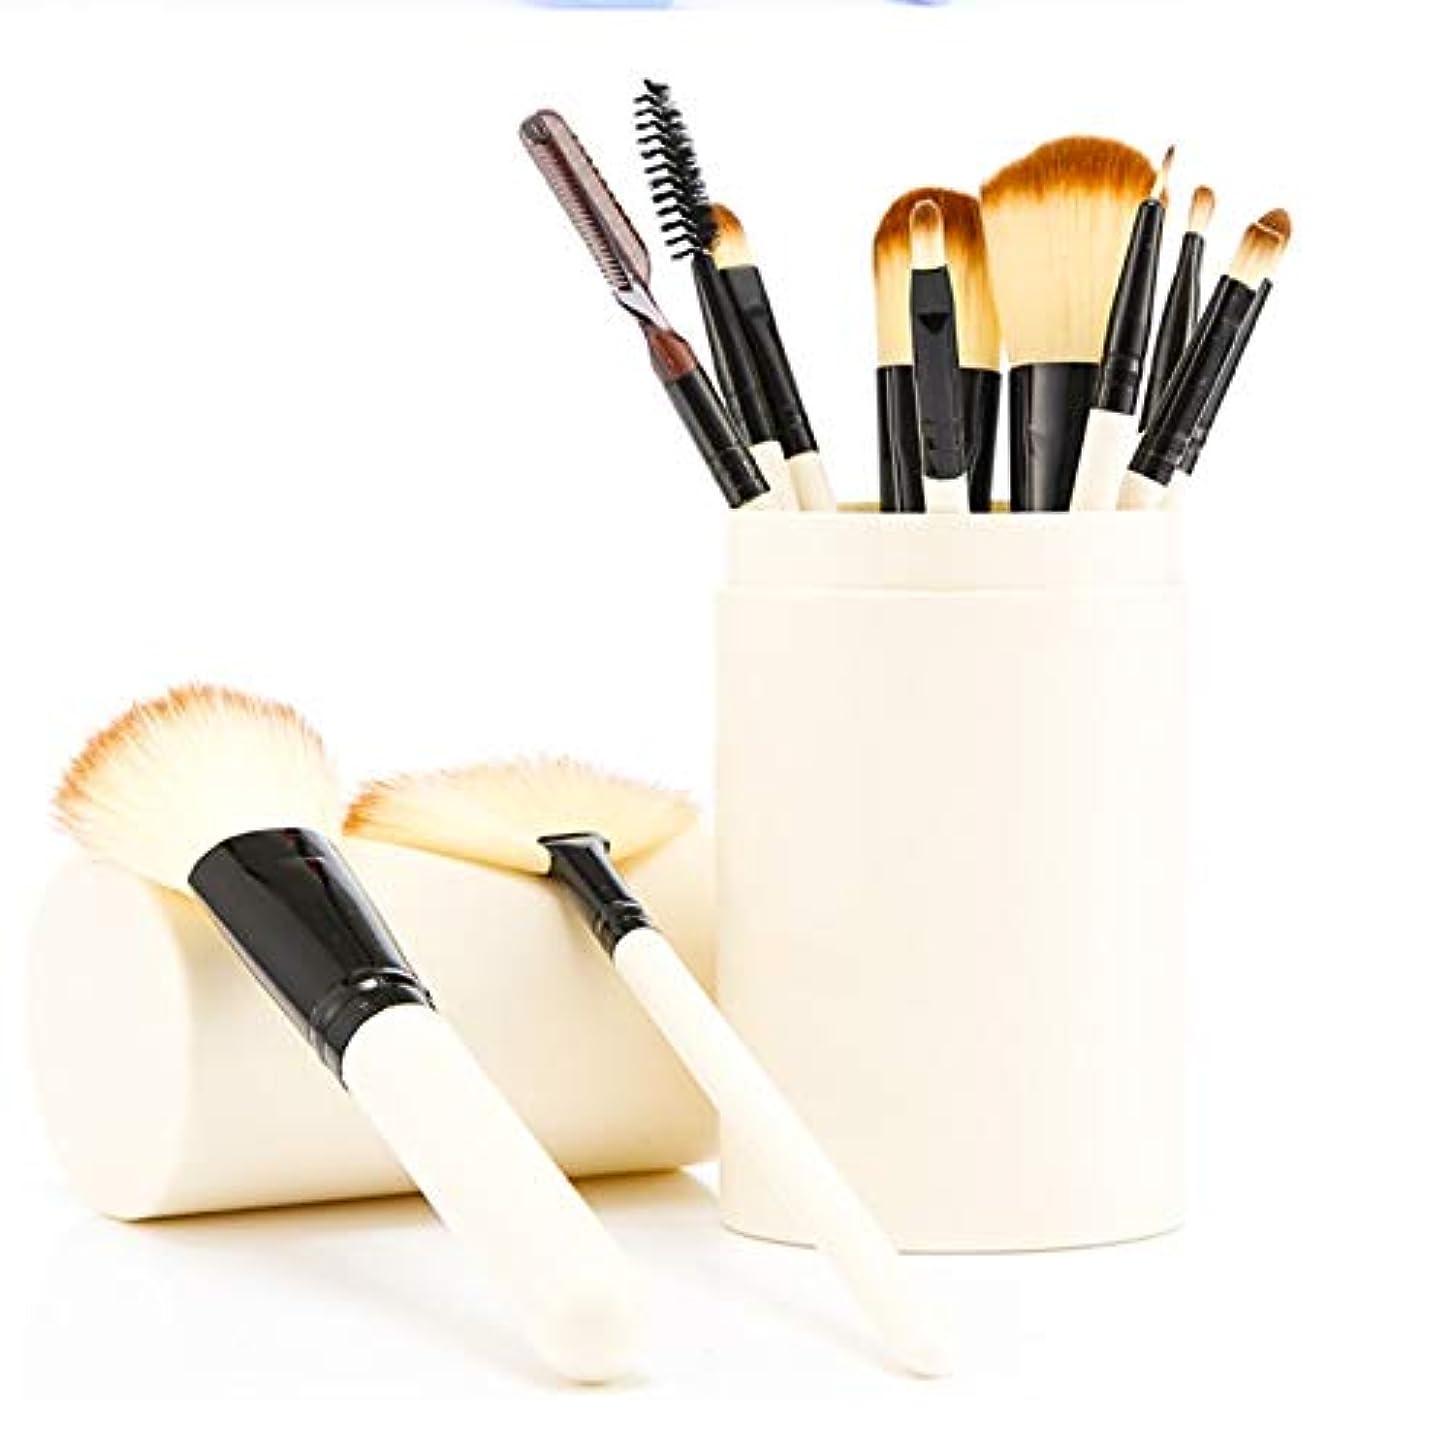 おかしいクスコ支援するソフトで残酷のない合成繊維剛毛とローズゴールドのディテールが施された化粧ブラシセット12本のプロフェッショナルな化粧ブラシ - エレガントなPUレザーポーチが含まれています (Color : Natural)